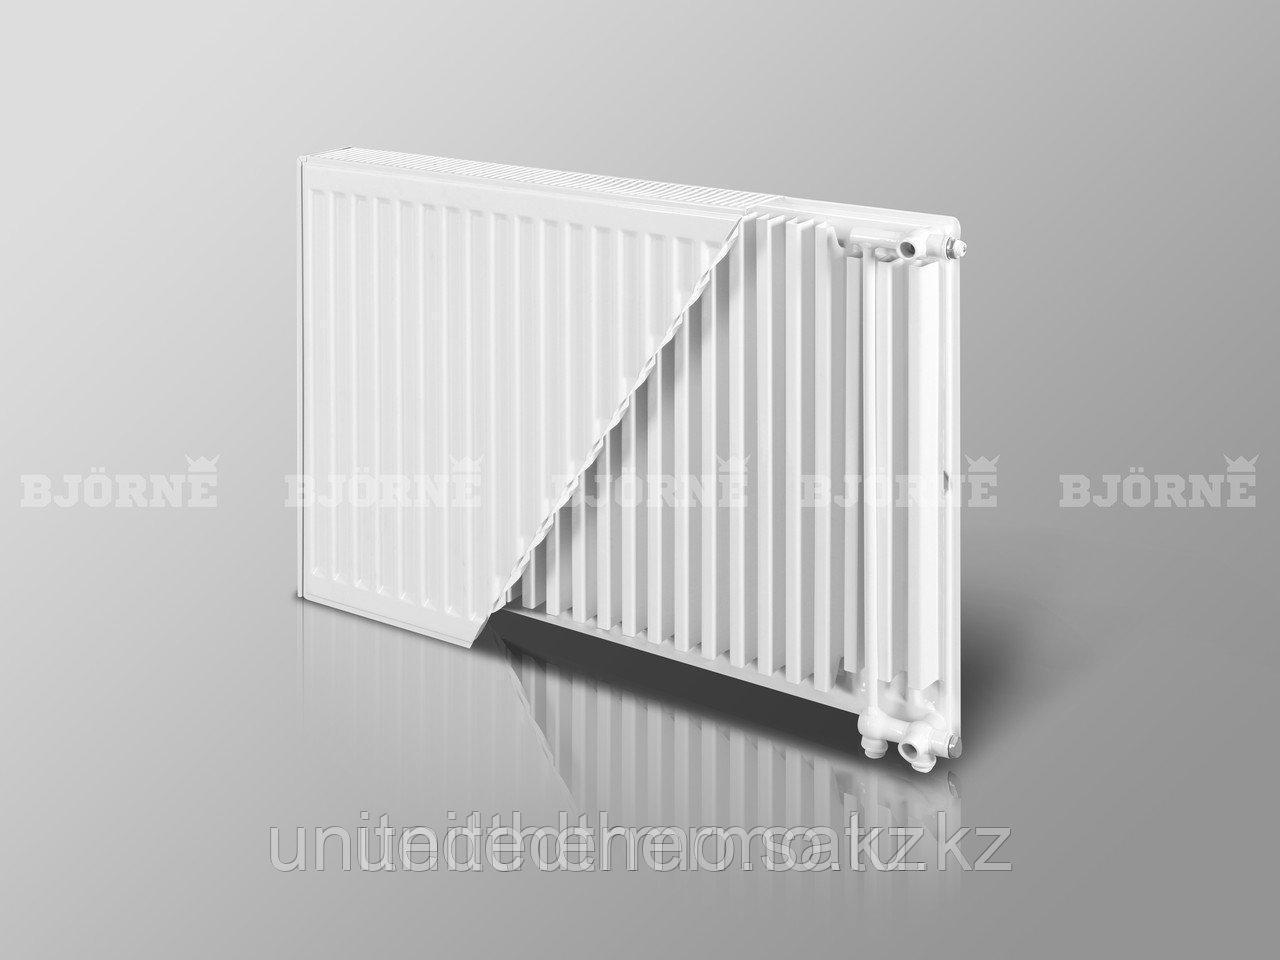 Стальной панельный радиатор Bjorne тип 22VK  H300мм*L500мм нижнее подключение